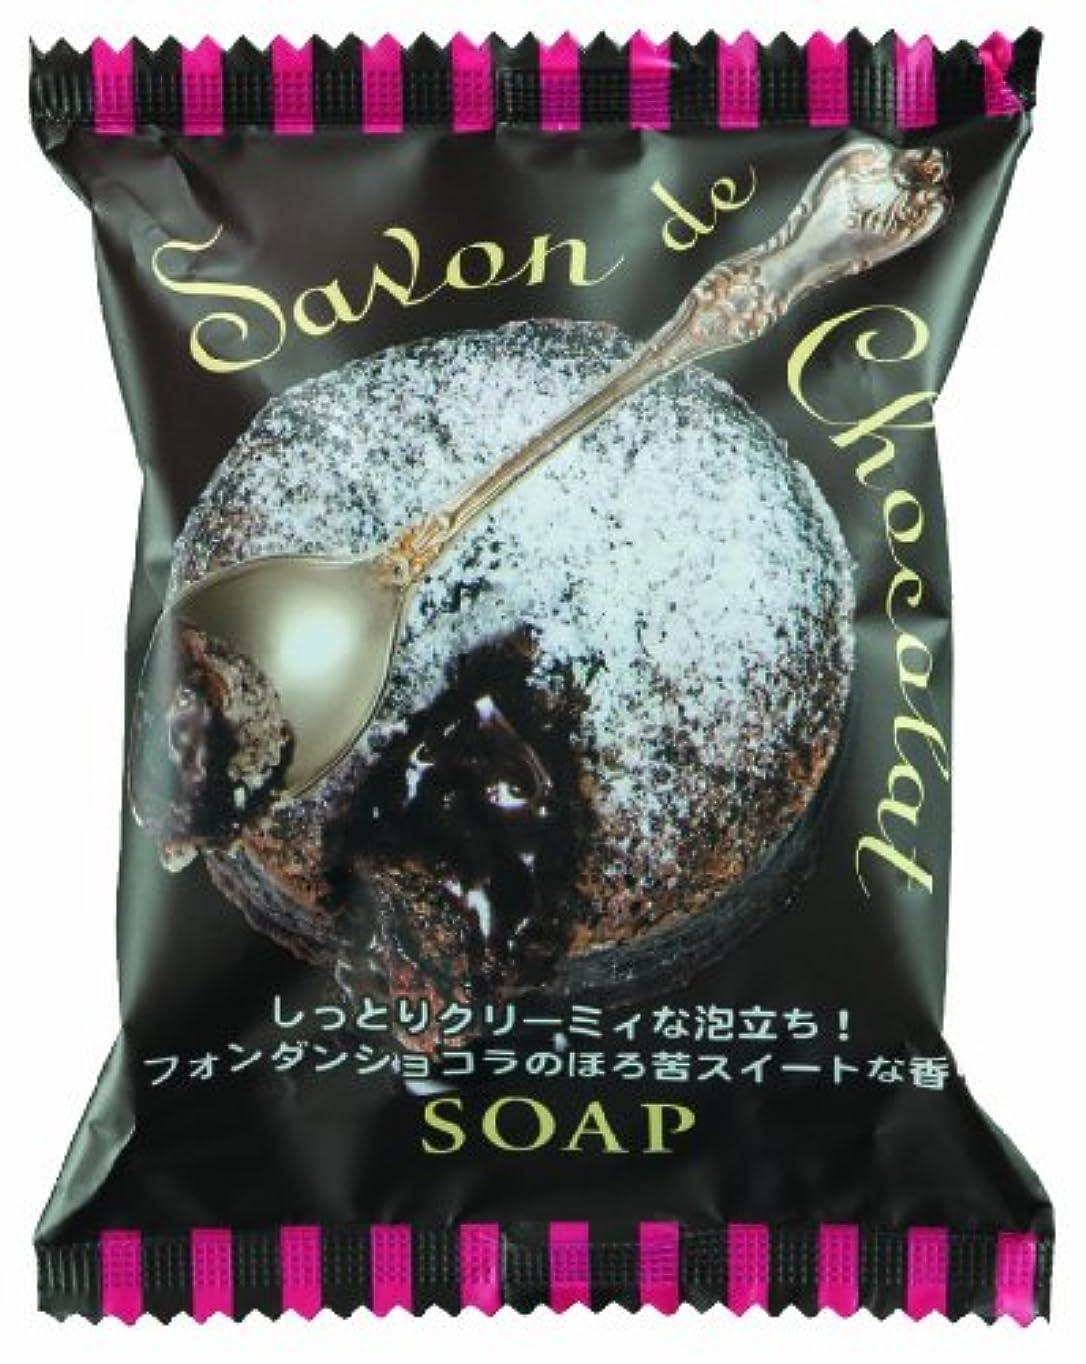 失敗圧倒する瀬戸際ペリカン石鹸 サボンドショコラソープ 80g